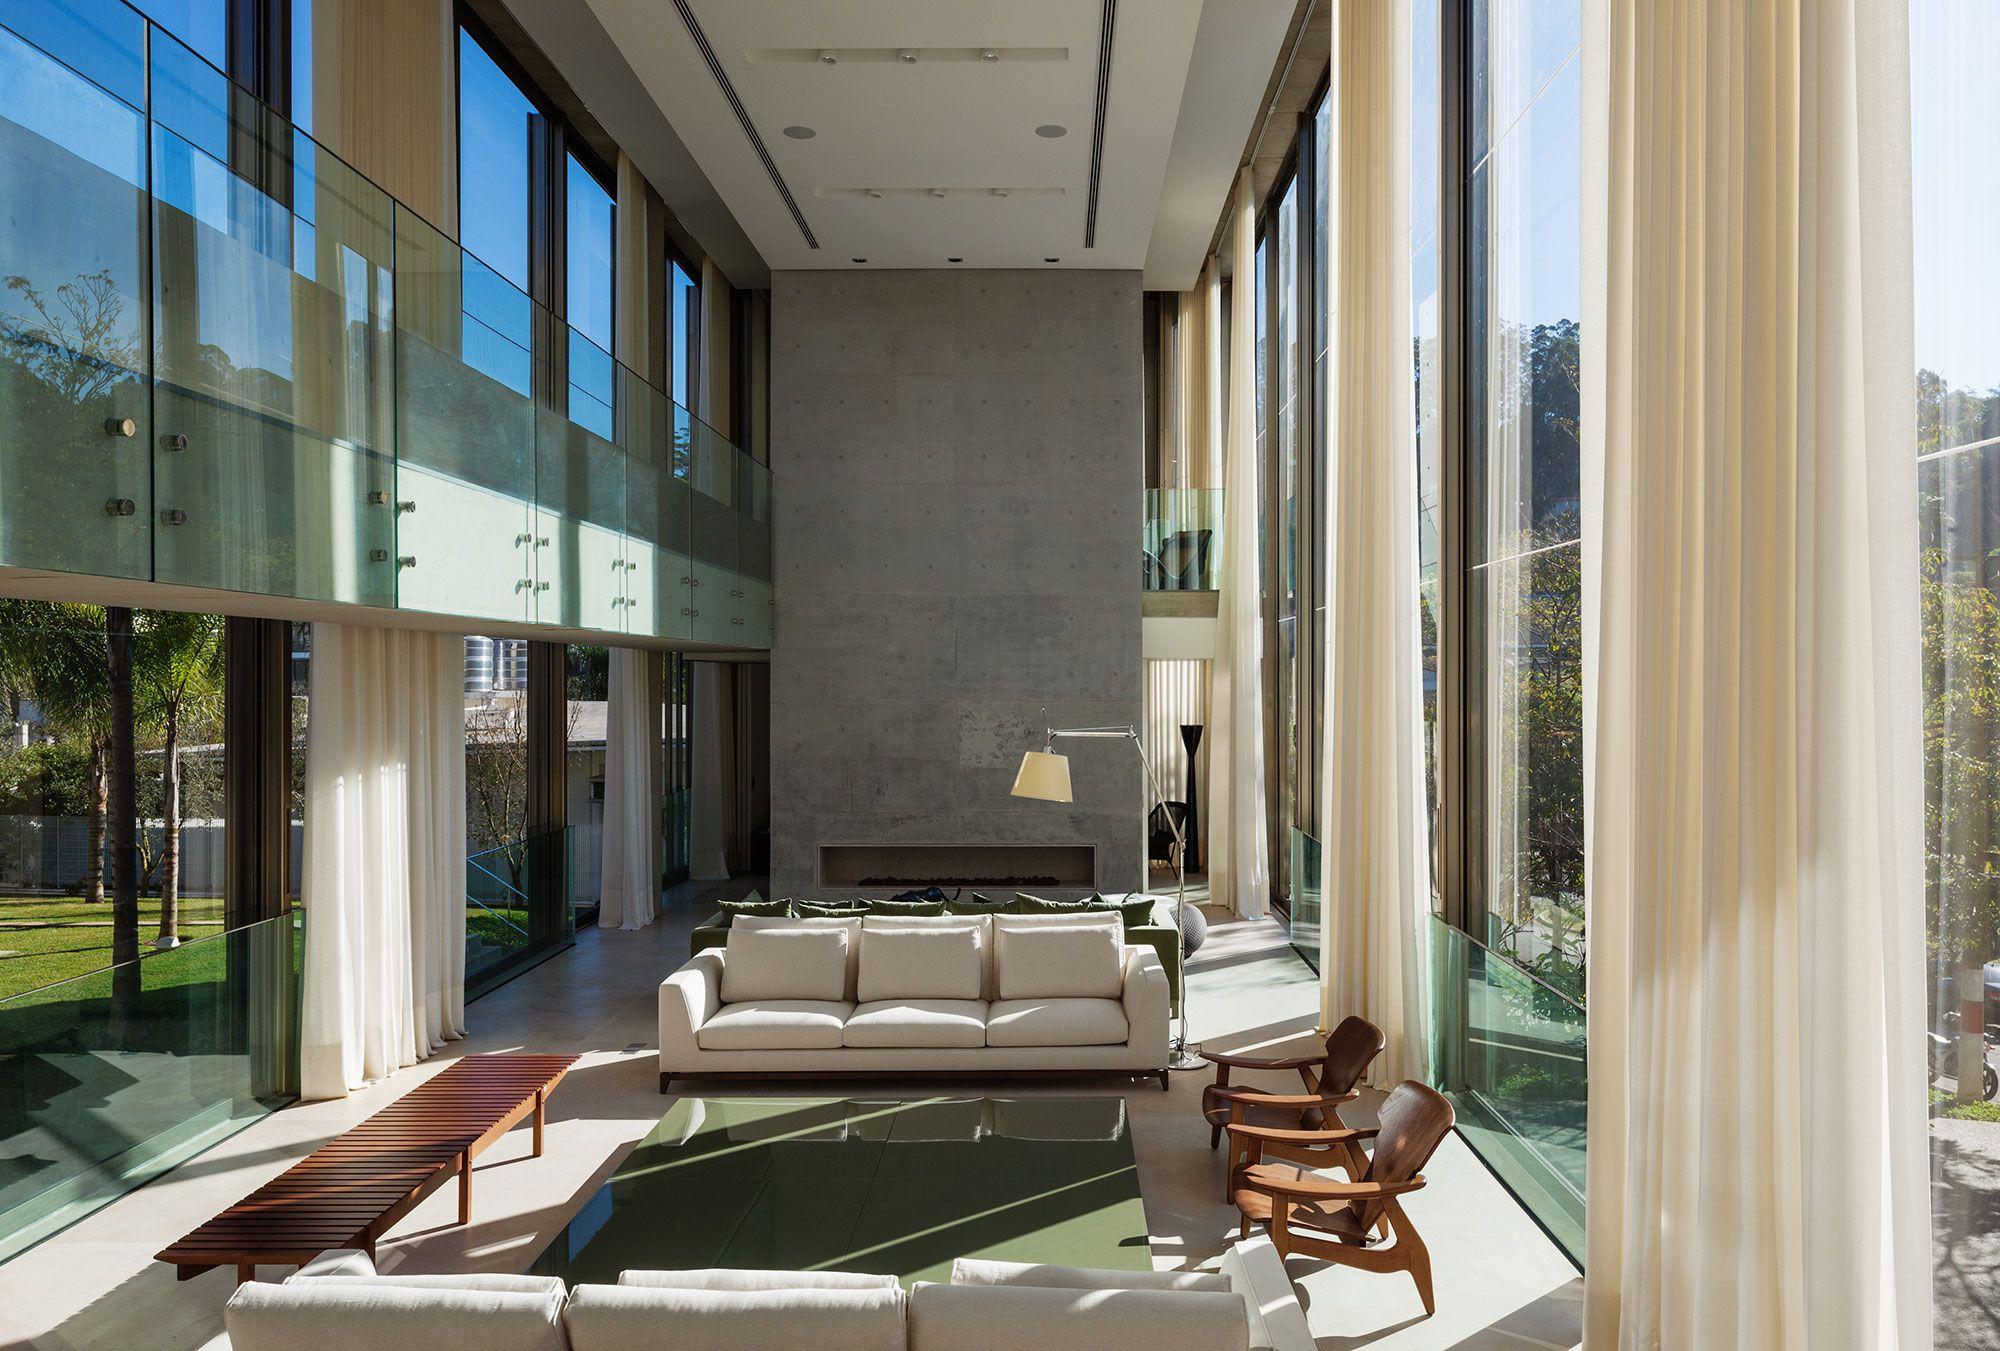 Casa TRD: concreto e vidro em casa contemporânea aberta à natureza